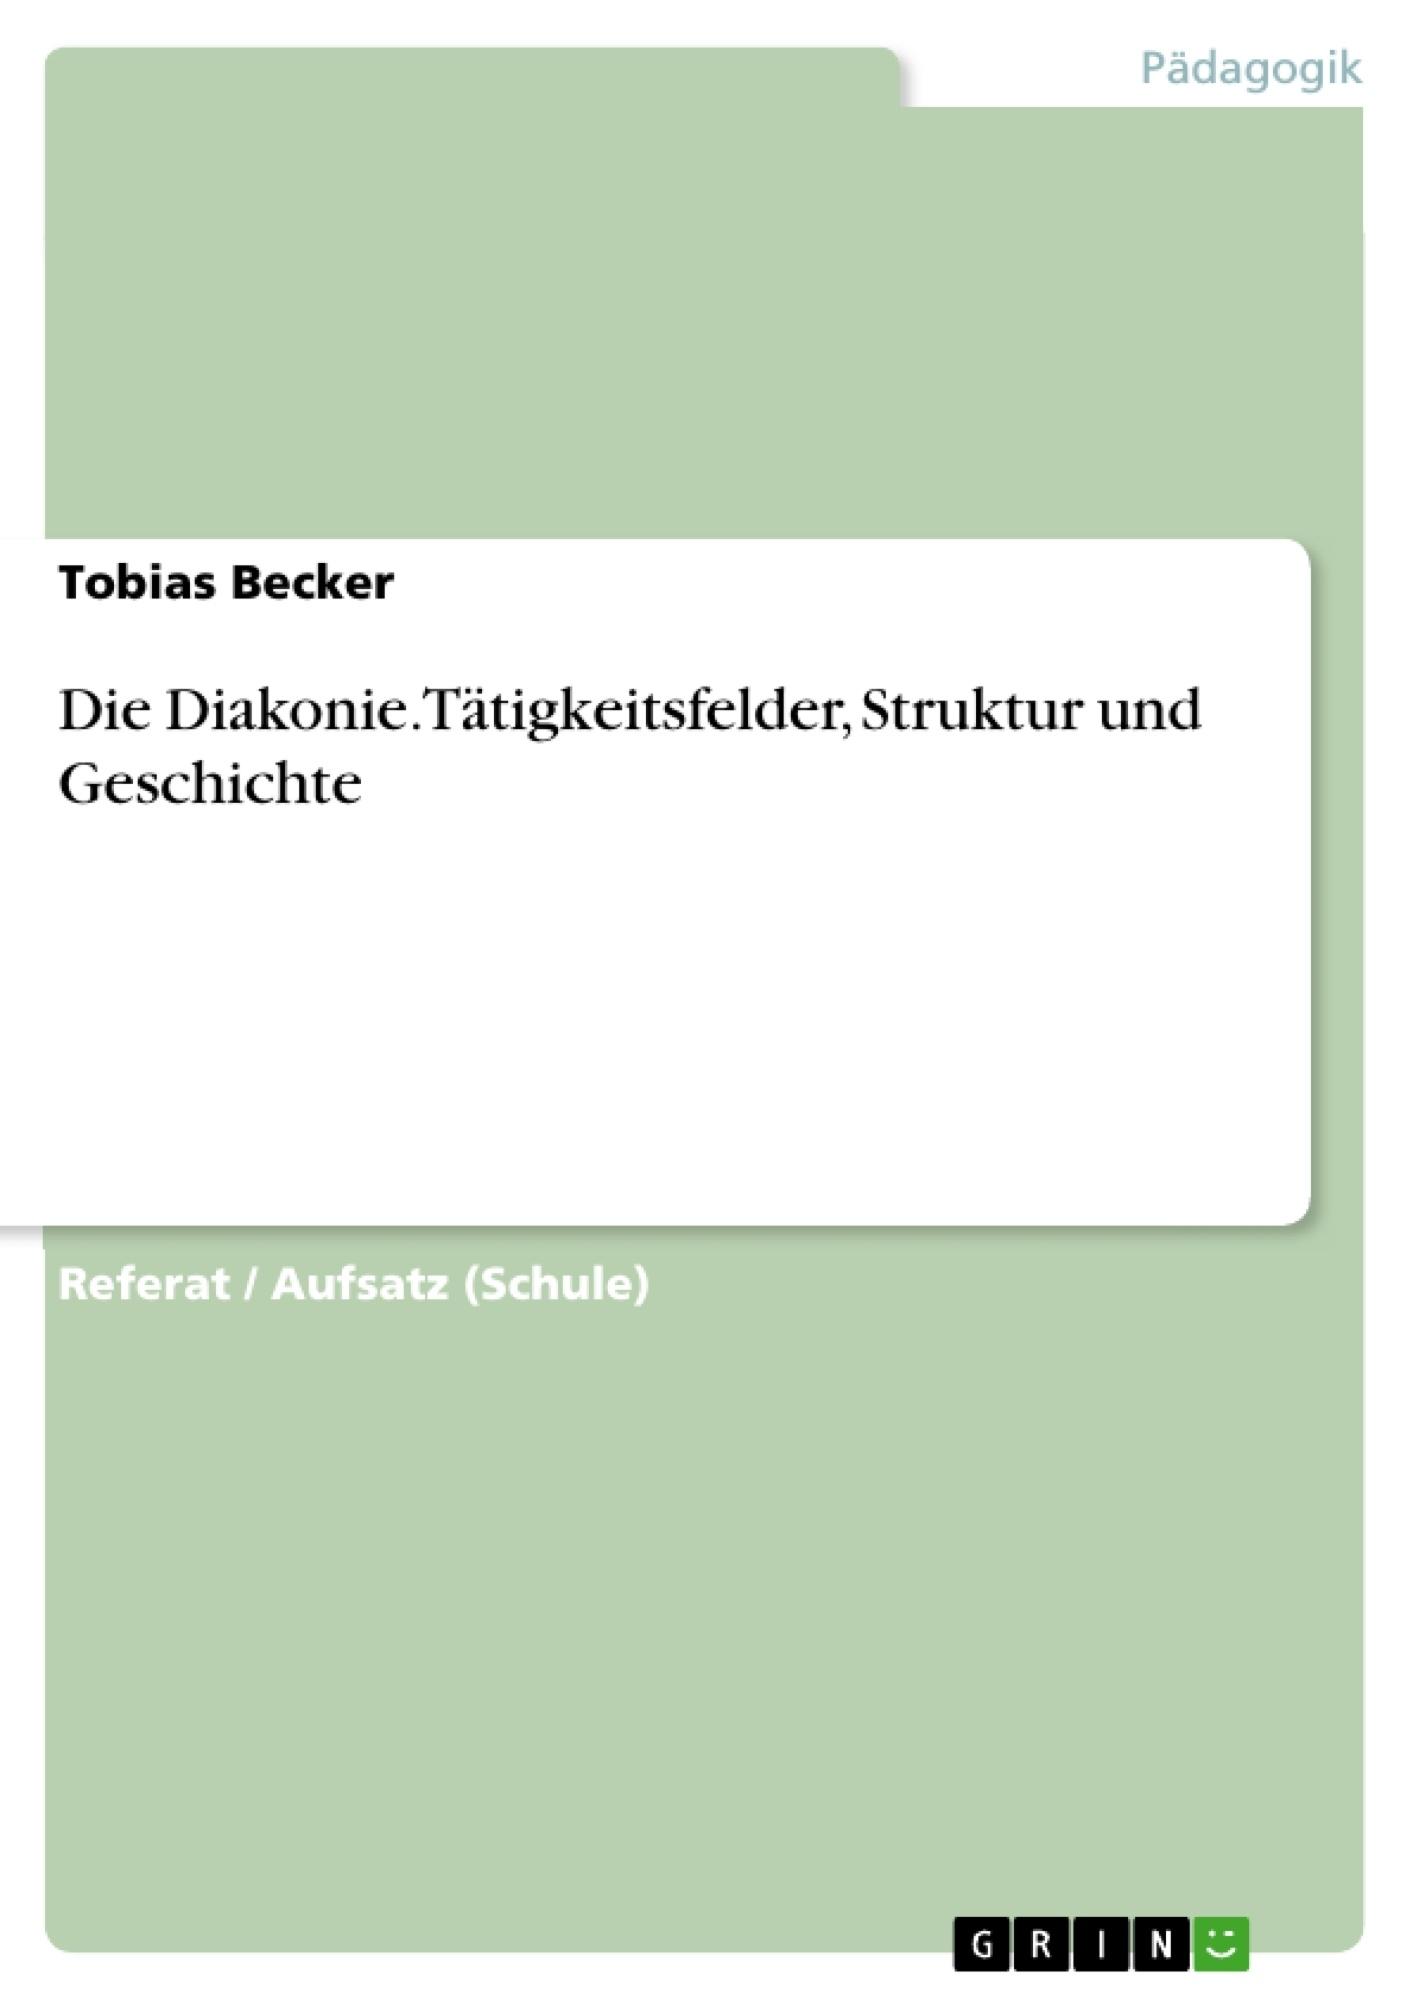 Titel: Die Diakonie. Tätigkeitsfelder, Struktur und Geschichte